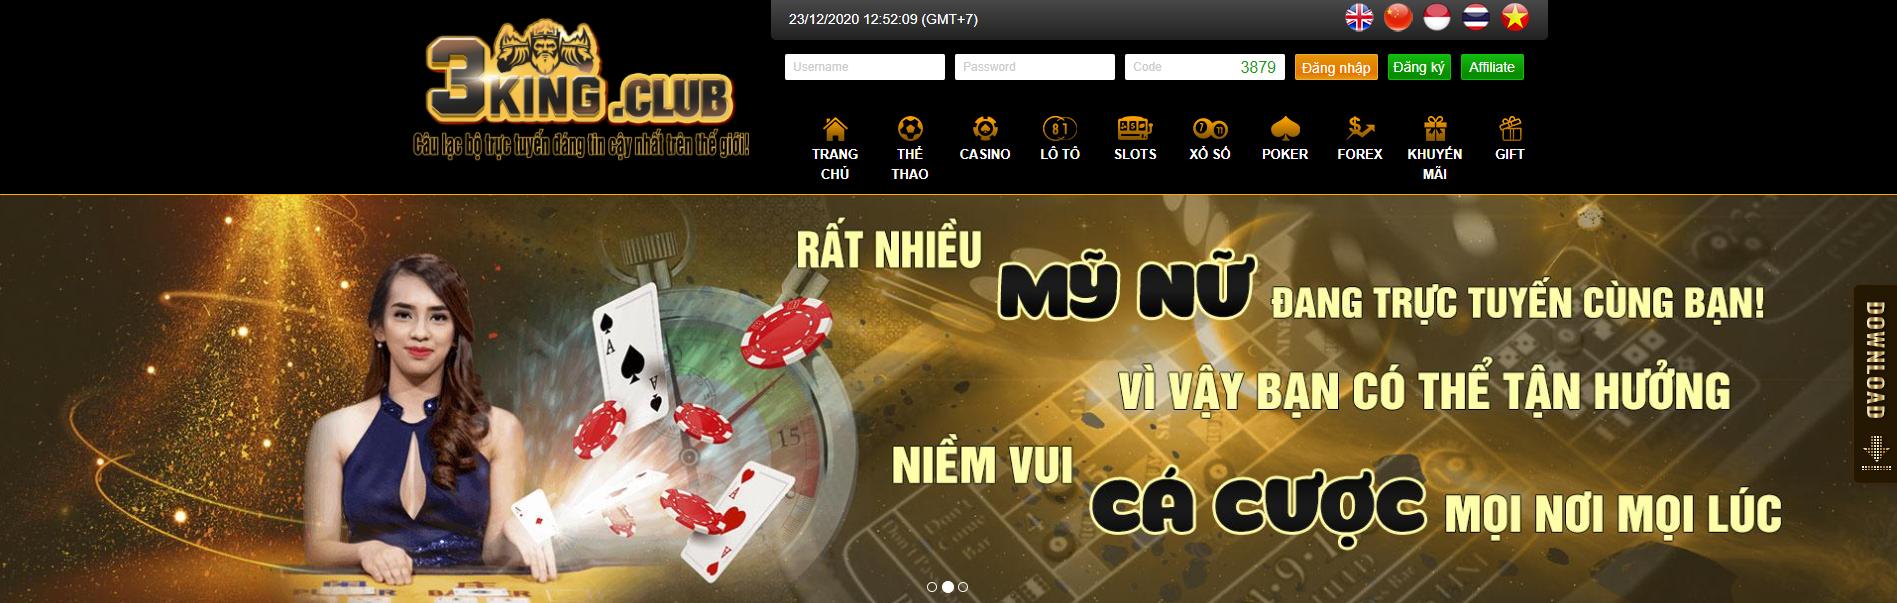 NHÀ CÁI 3KING CLUB